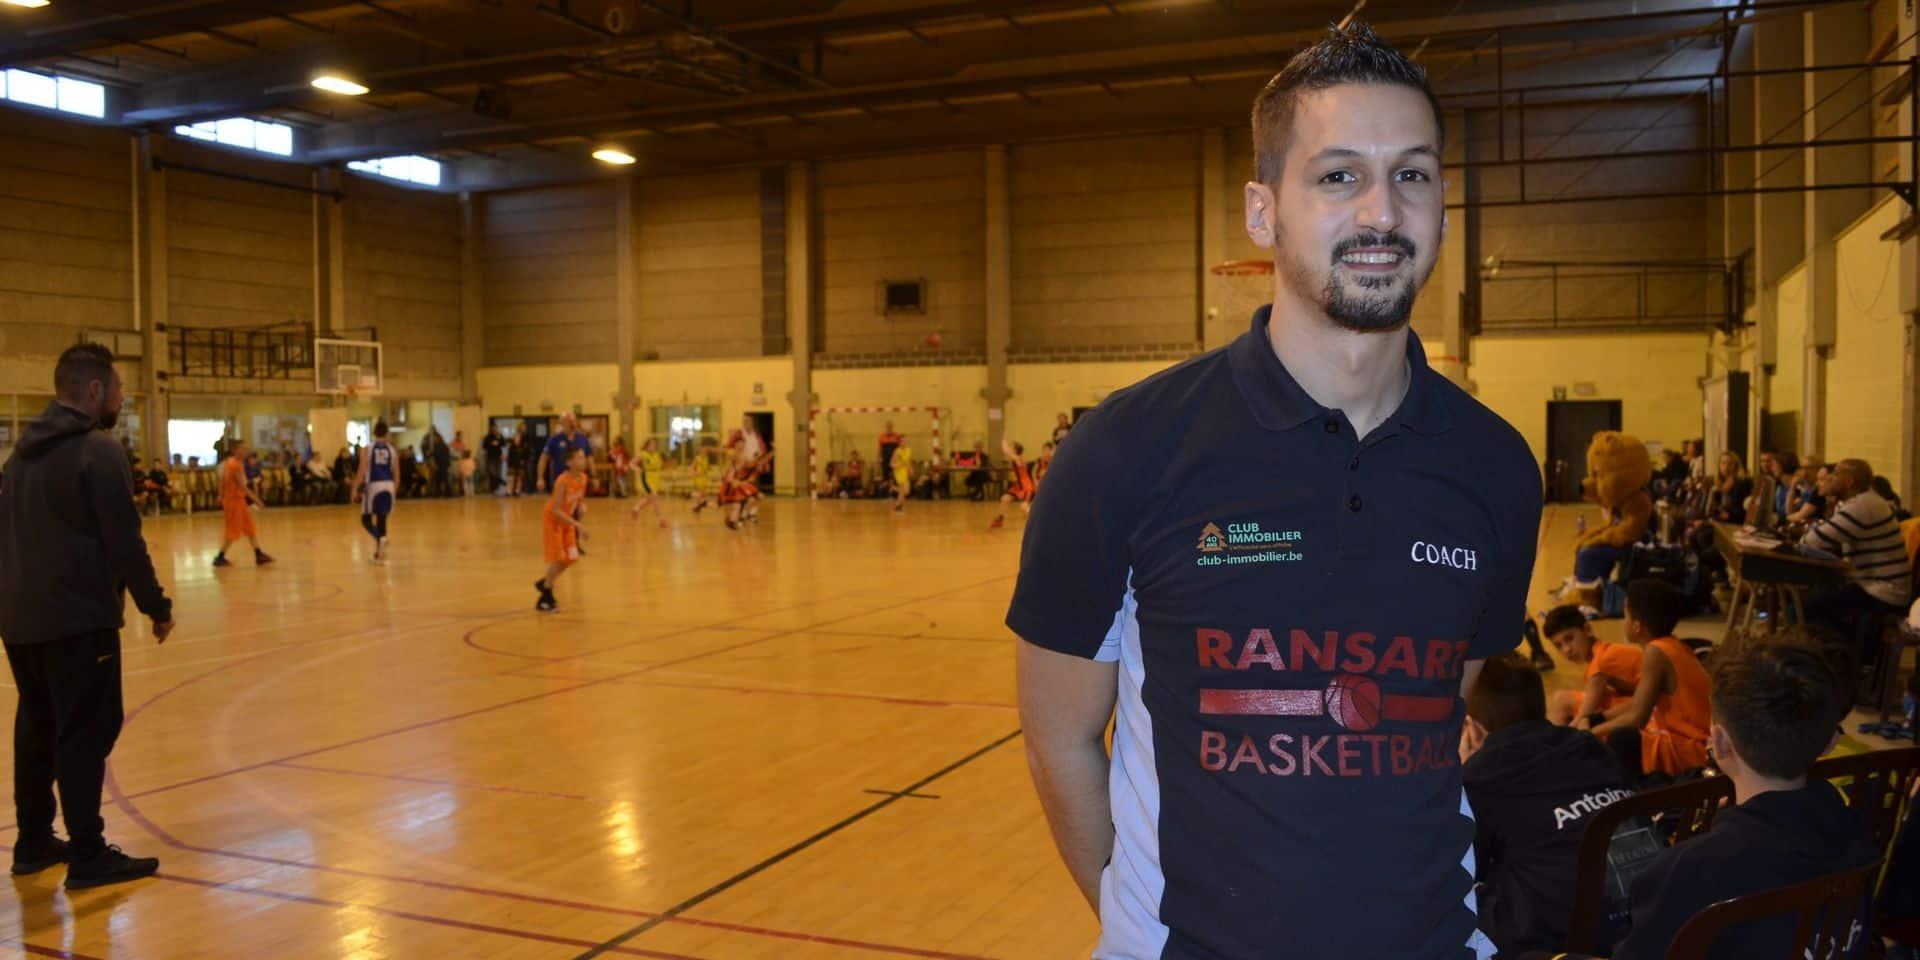 Ransart: des enfants privés de basket pour un bon moment